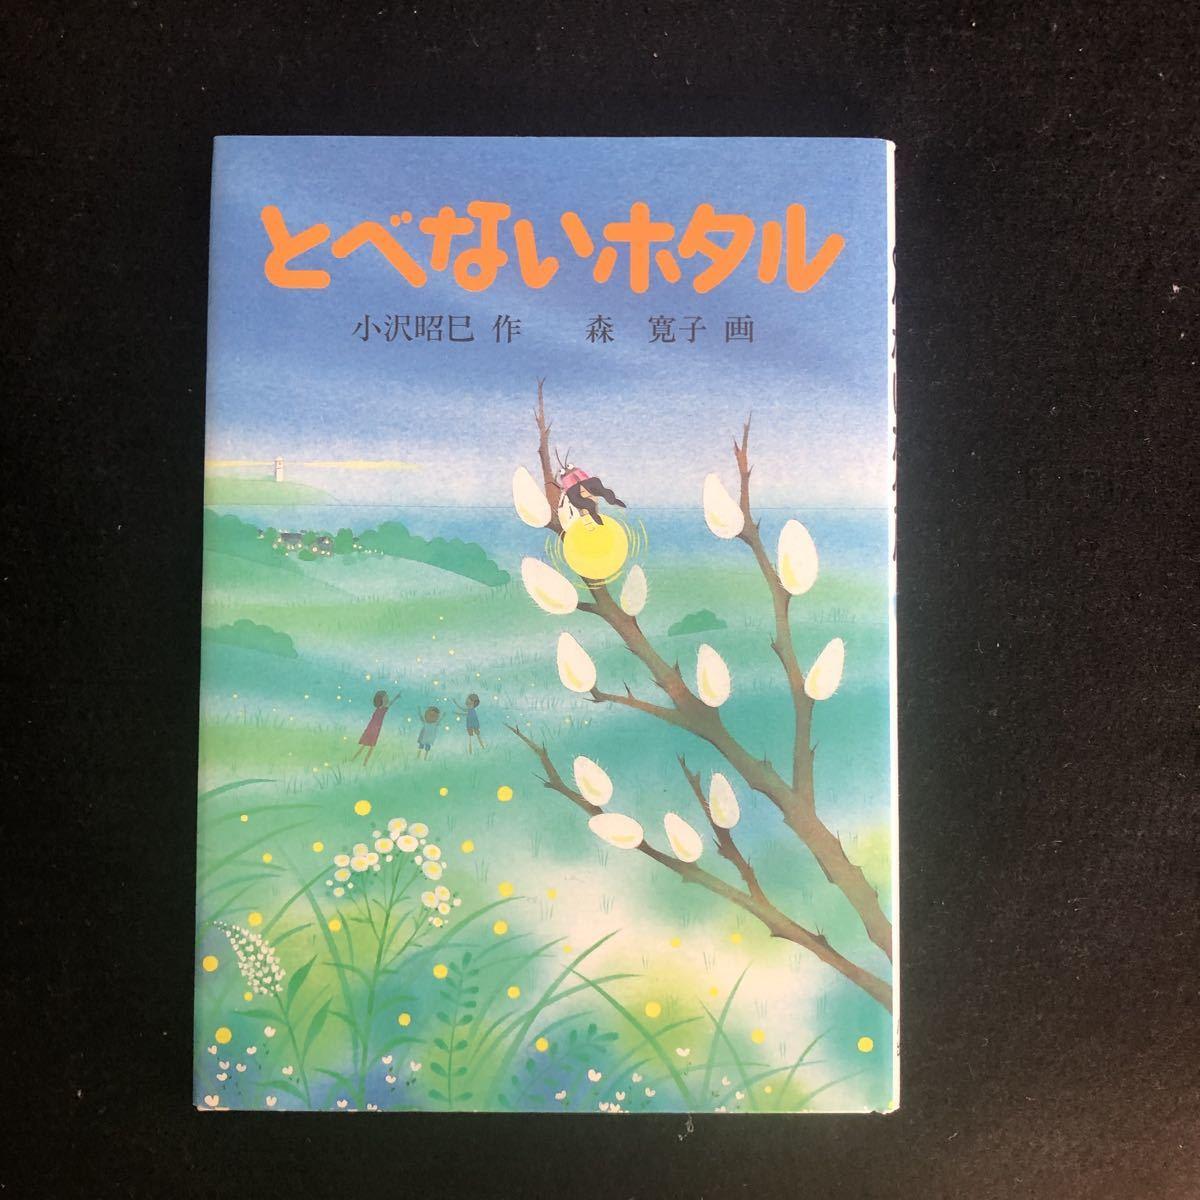 ◆ 全国学校図書館協議会選定図書 小沢昭巳作 森寛子画【とべないホタル】 ◆_画像1